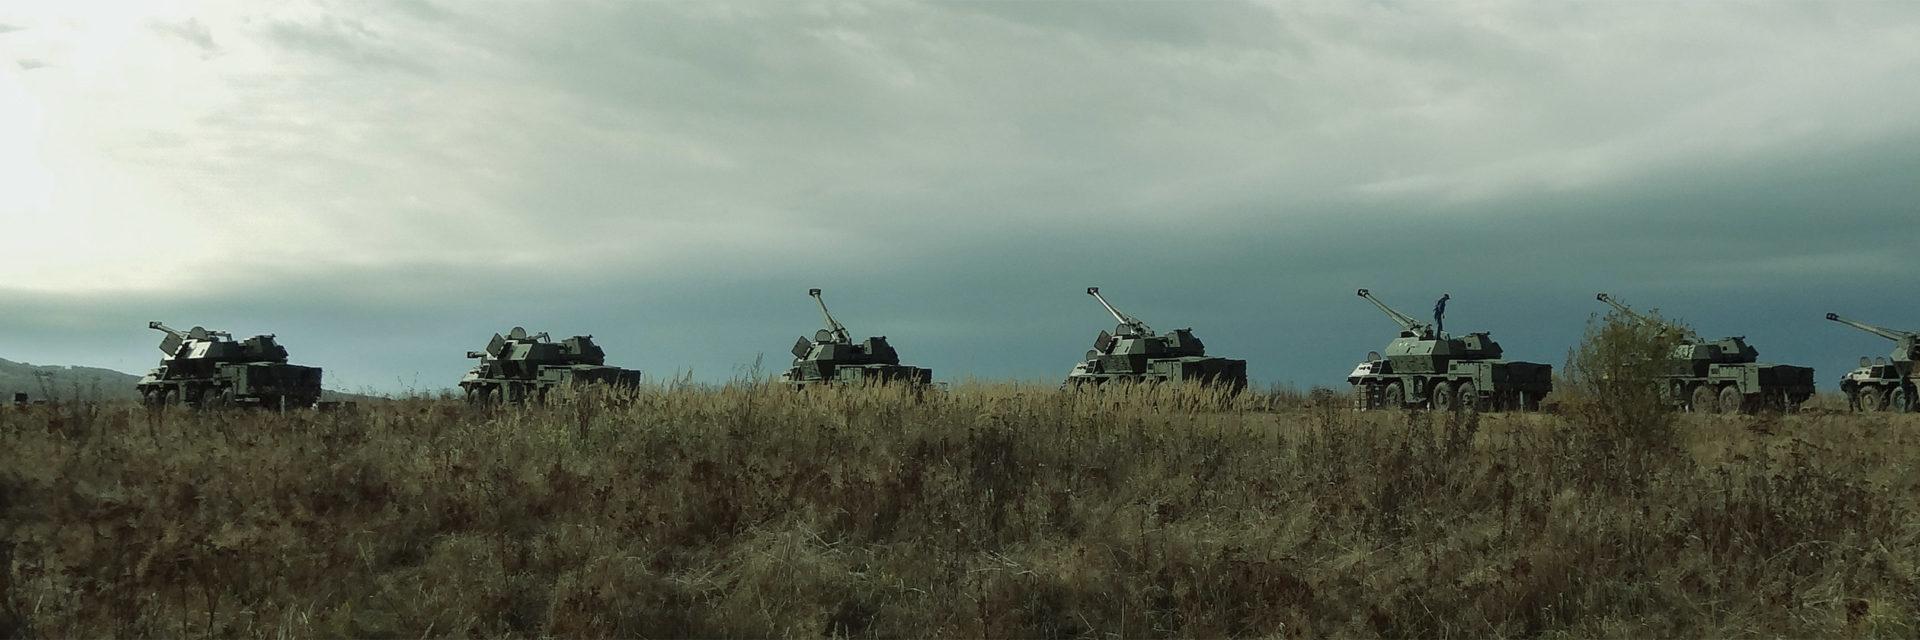 Kolumna pojazdów opancerzonych (panorama)